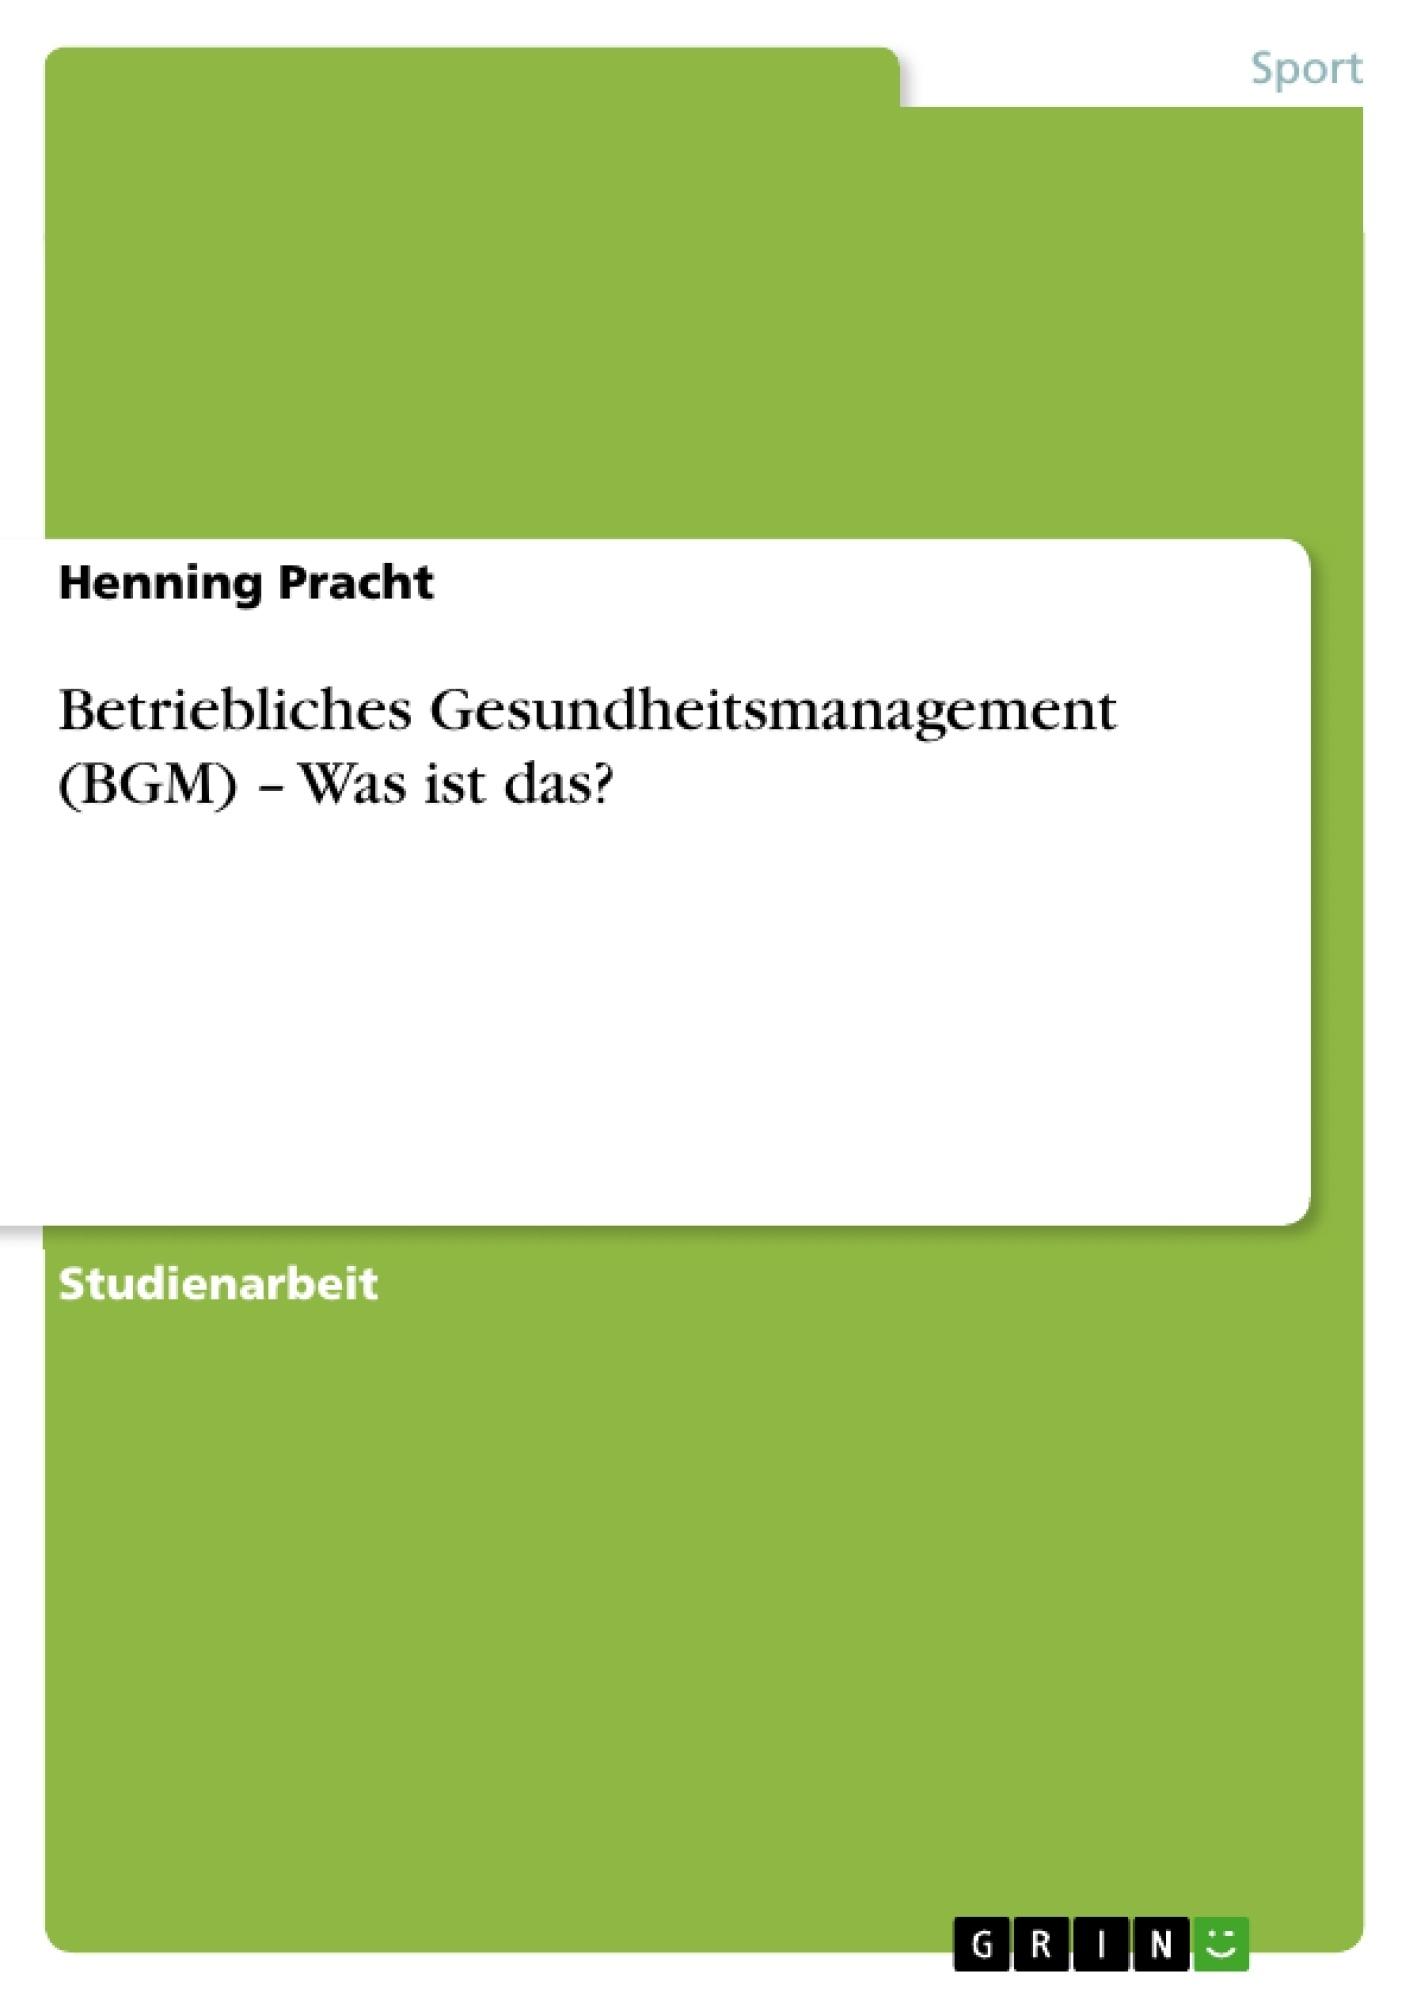 Titel: Betriebliches Gesundheitsmanagement (BGM) – Was ist das?